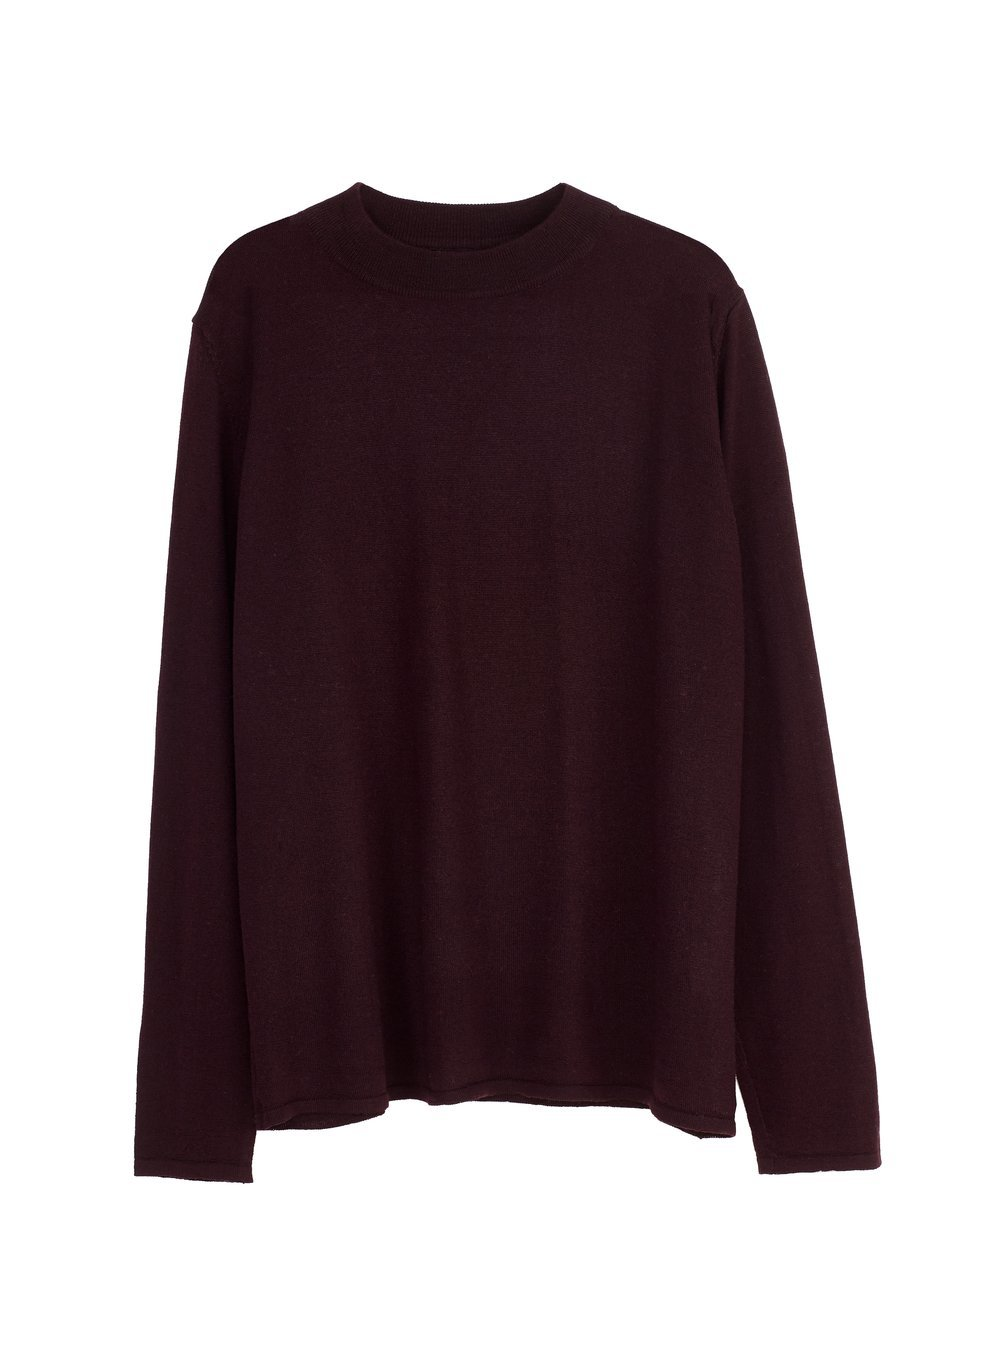 ARELA Joan Merino Wool Sweater In Cool Brown